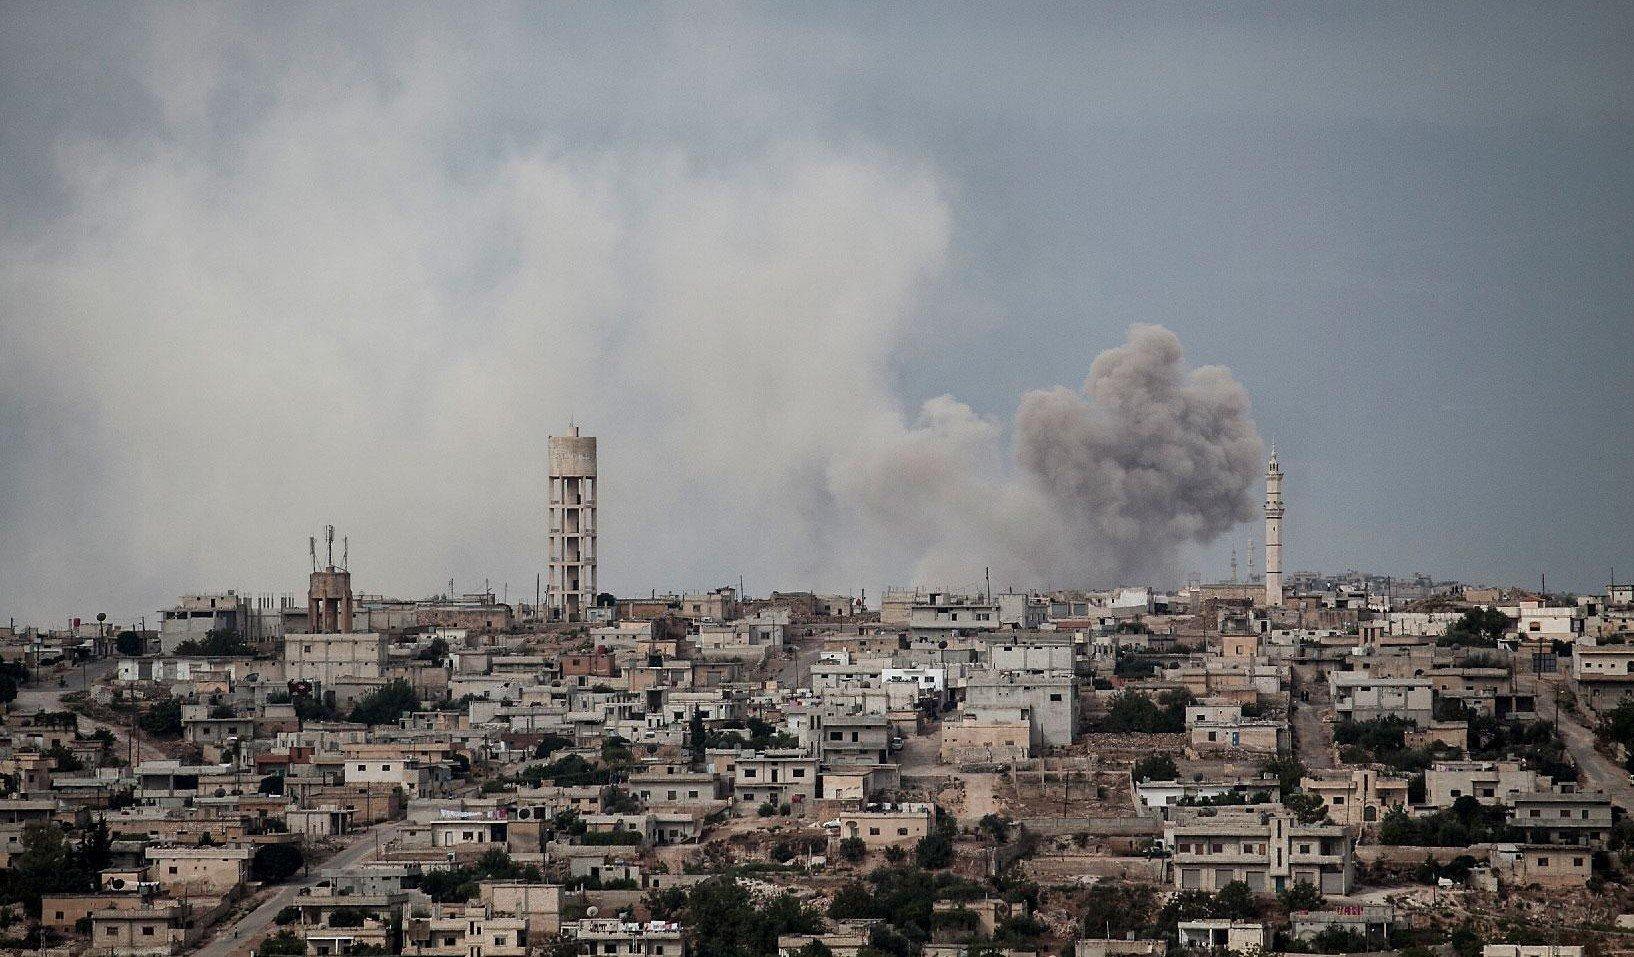 ΕΚΤΑΚΤΗ ΕΙΔΗΣΗ: Οι Ρώσοι βομβάρδισαν την Ιντλίμπ: Καταιγισμός πυρών σε θέσεις τζιχαντιστών – Πολύ κοντά στα τουρκικά σύνορα η επίθεση